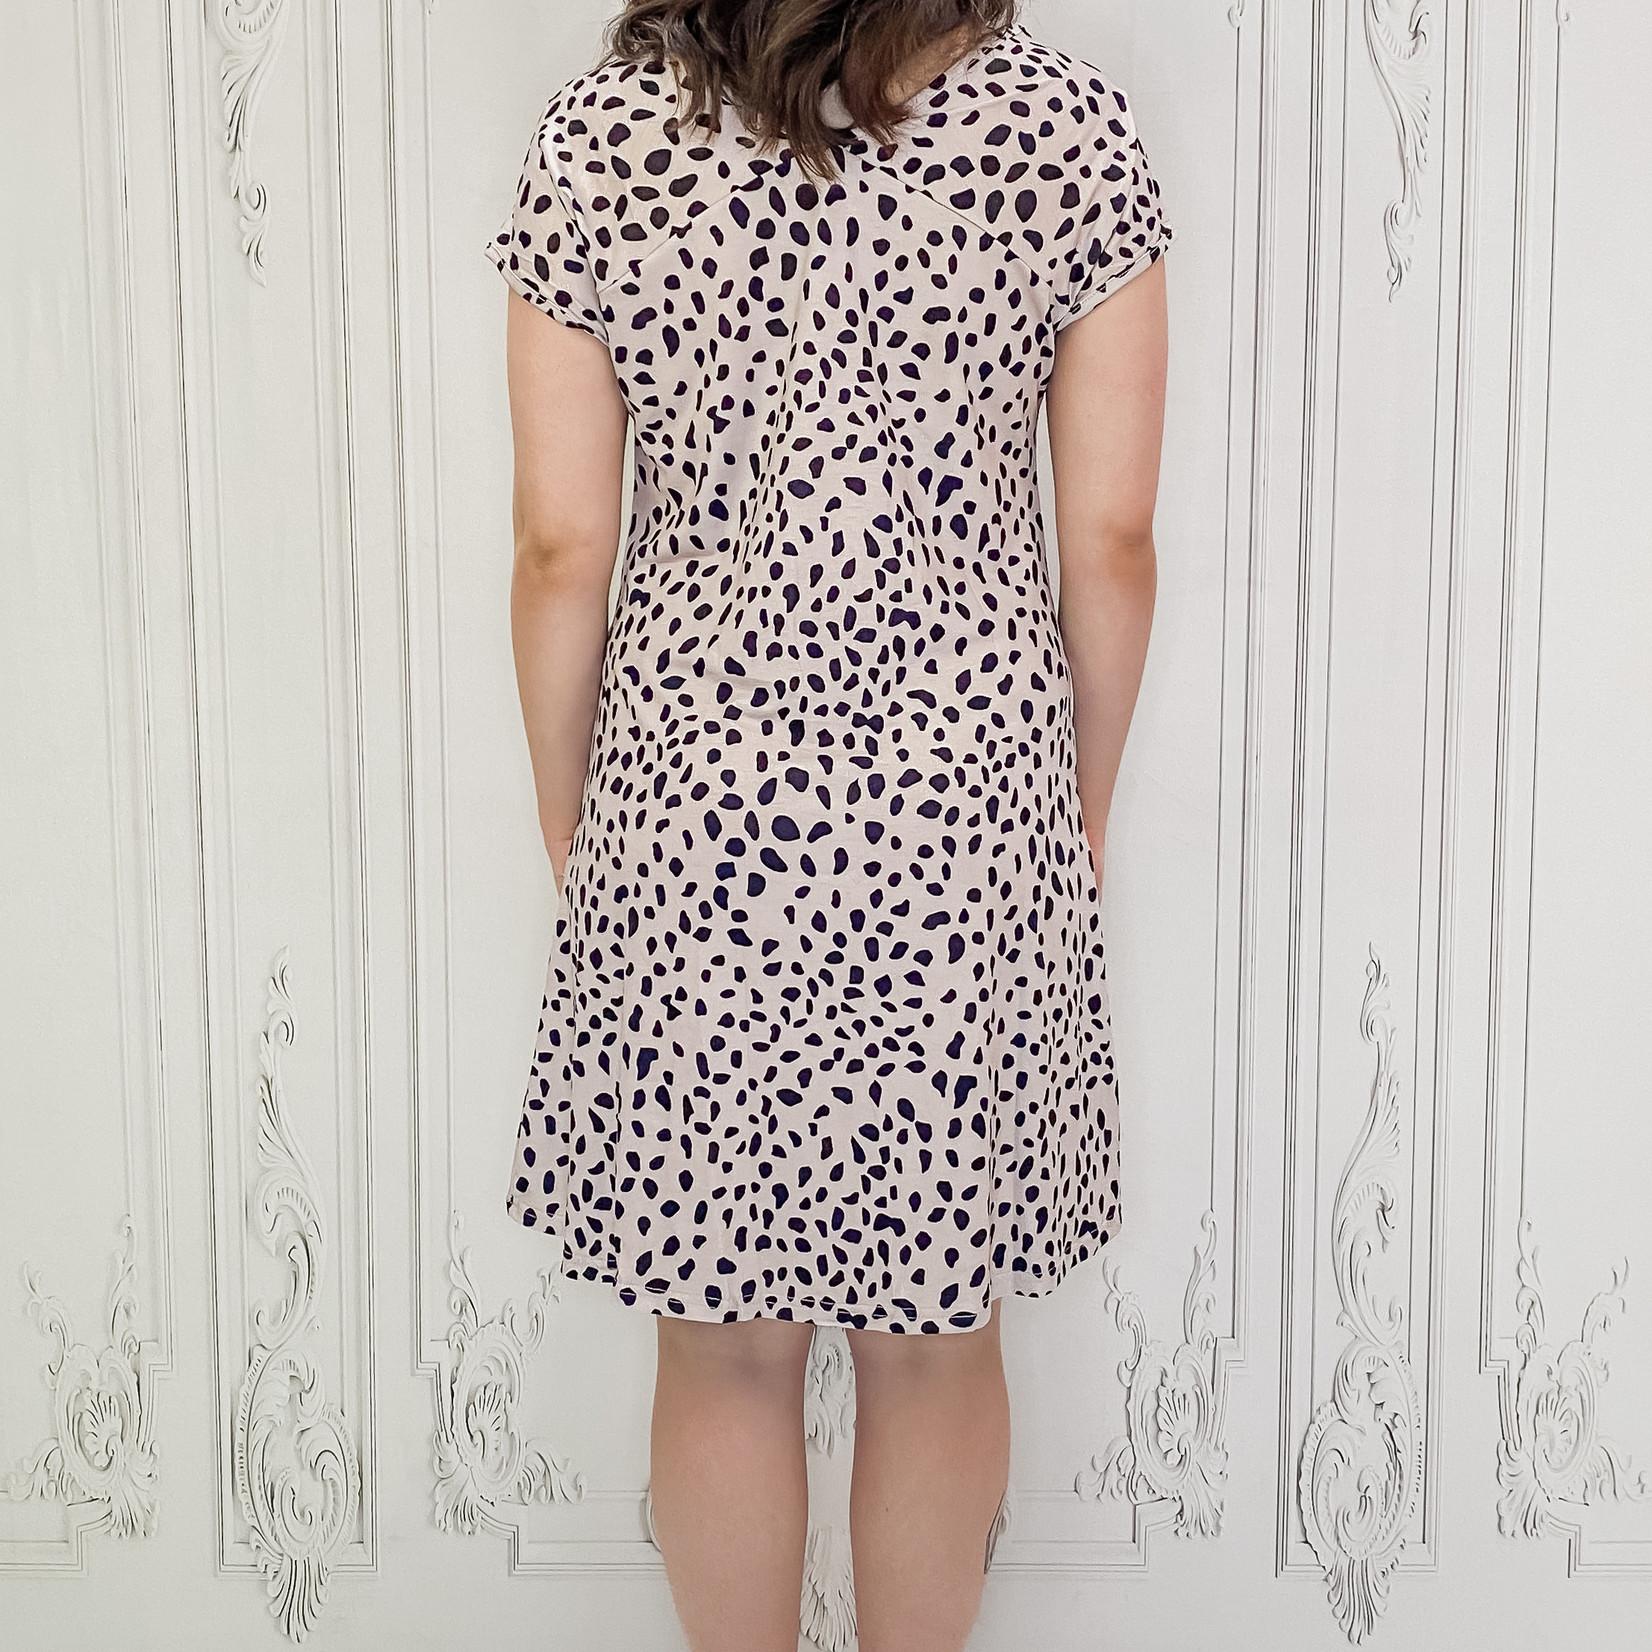 Song cheetah t-shirt dress